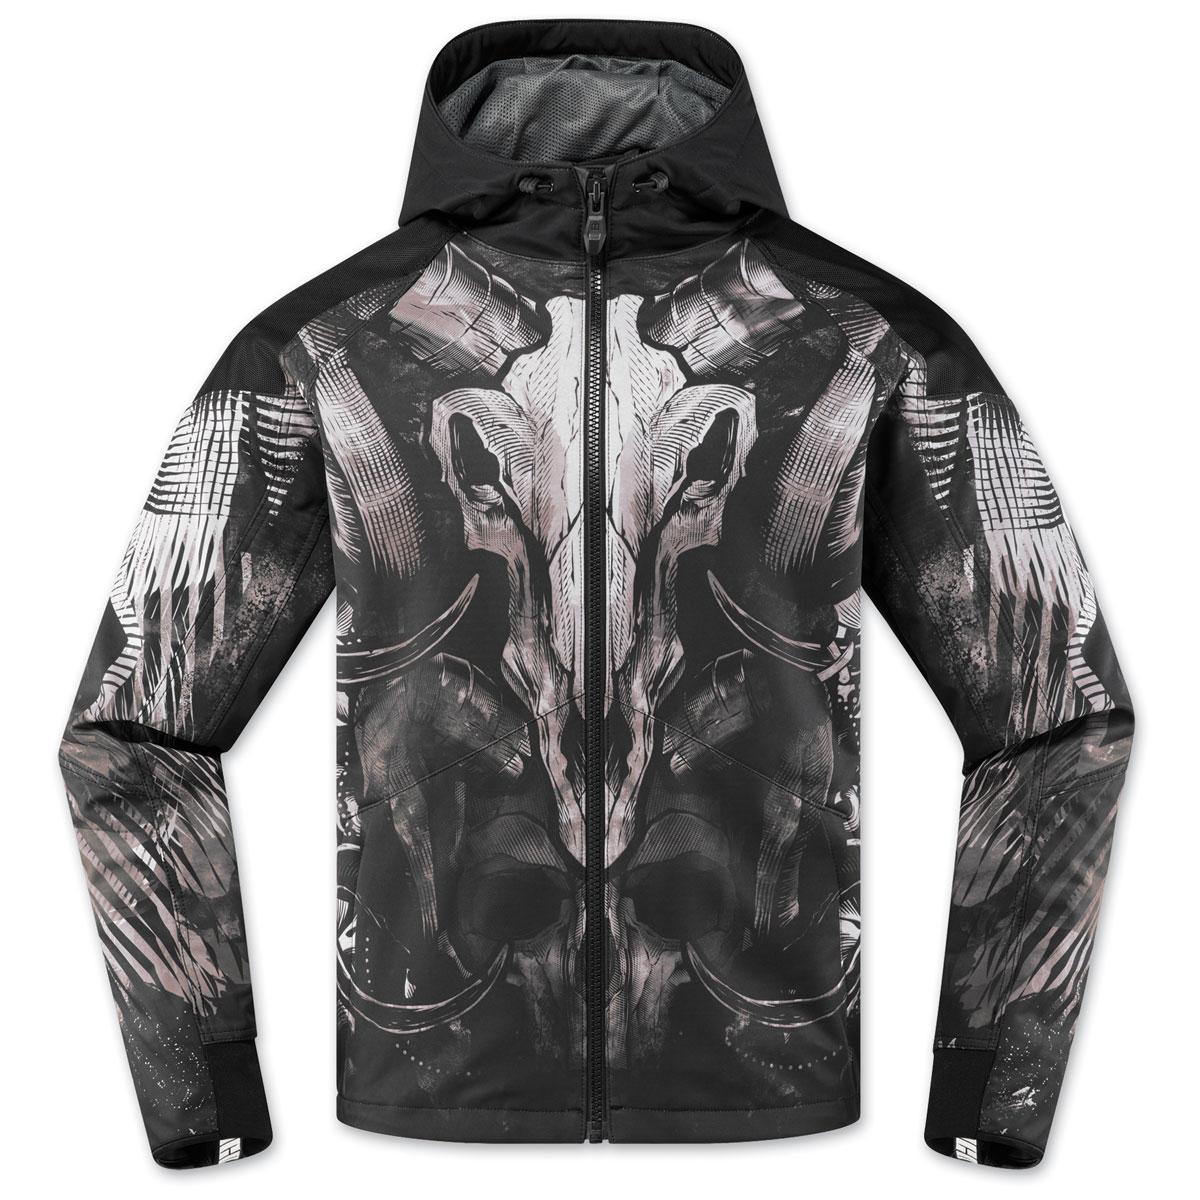 ICON Men's Merc Cloven Black Jacket